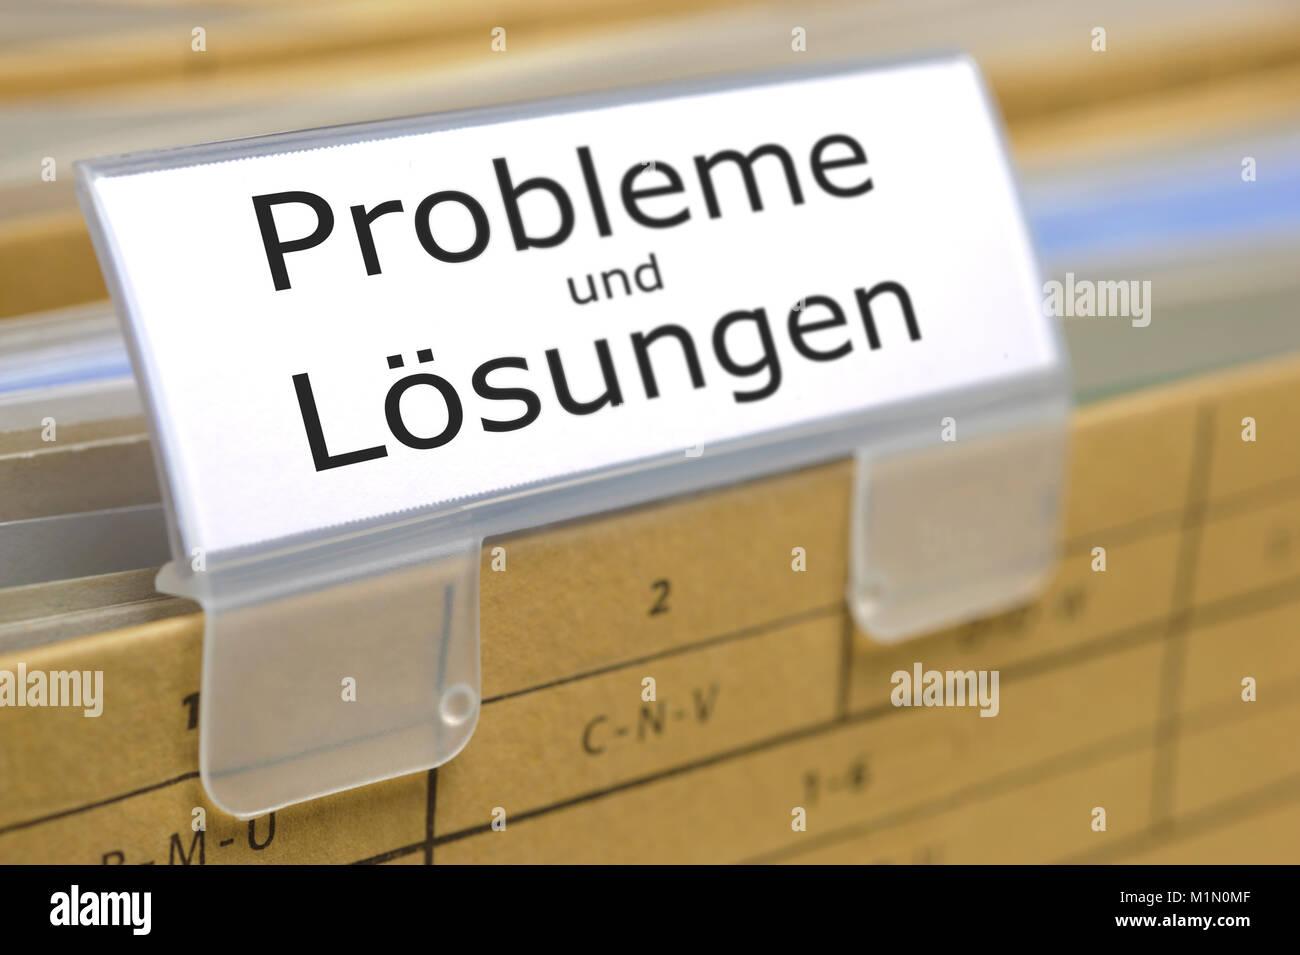 Aktenordner für Probleme und Lösungen - Stock Image